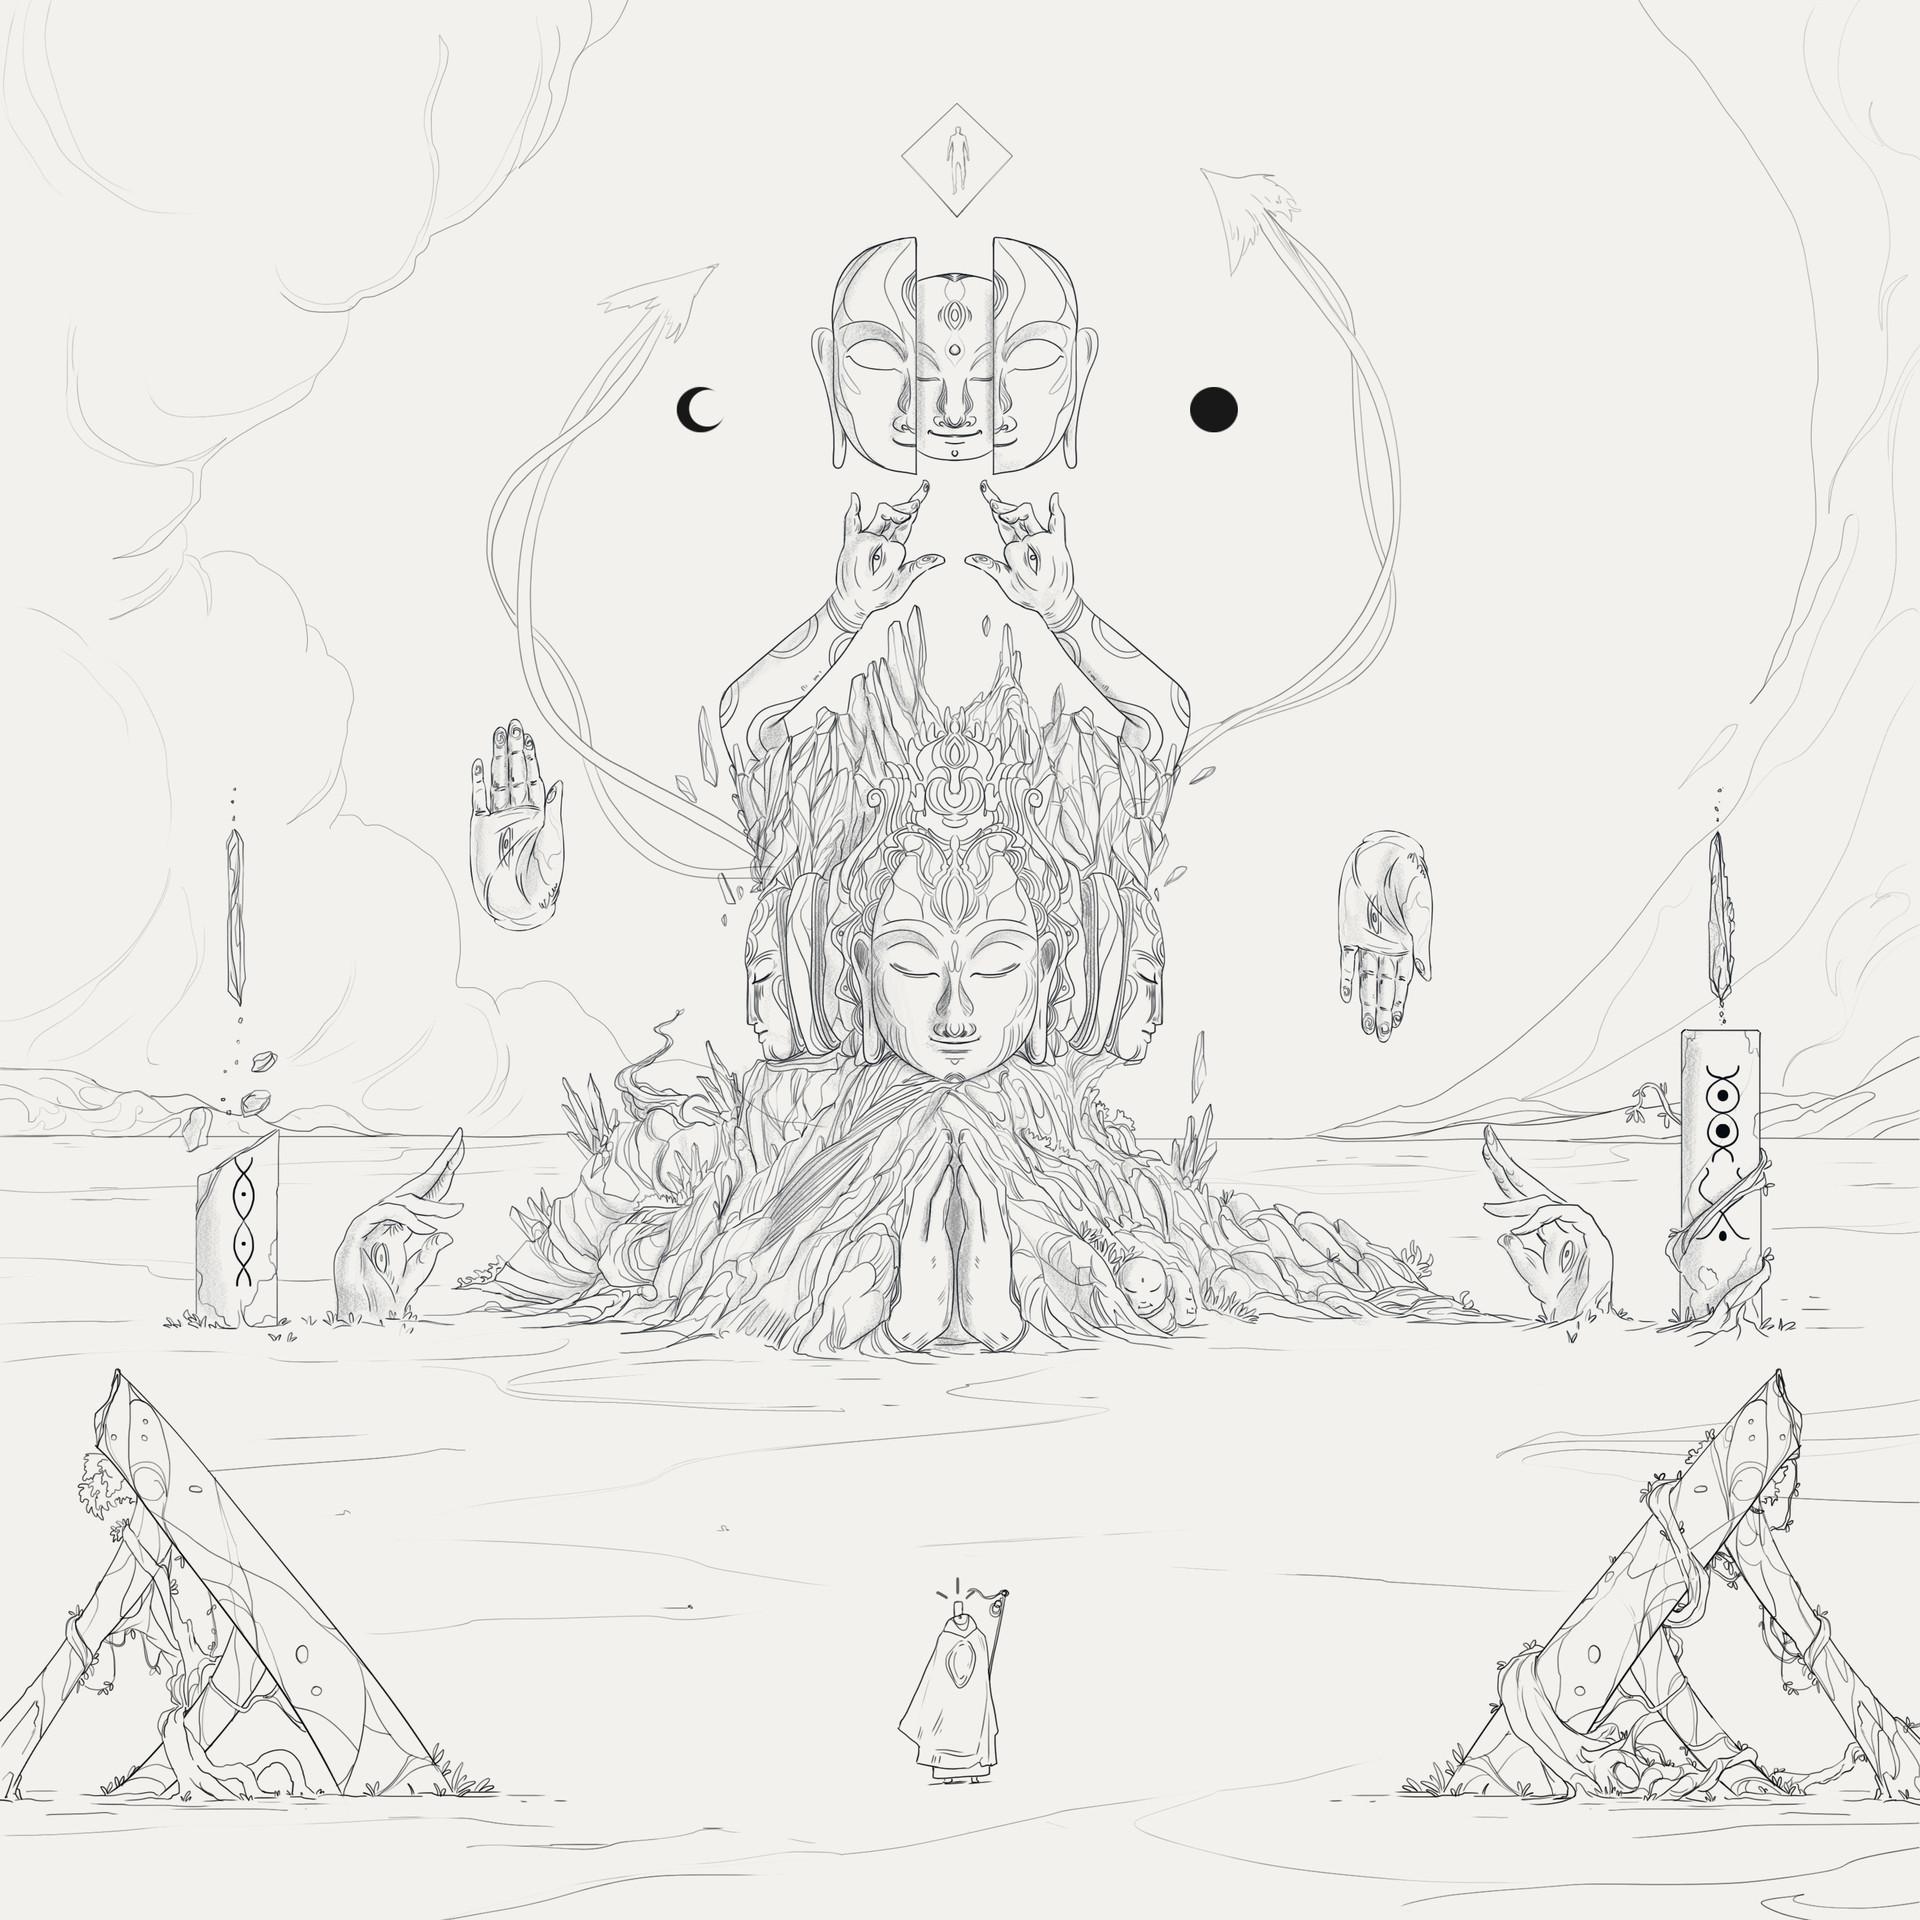 Christian benavides luis portada album art final line art